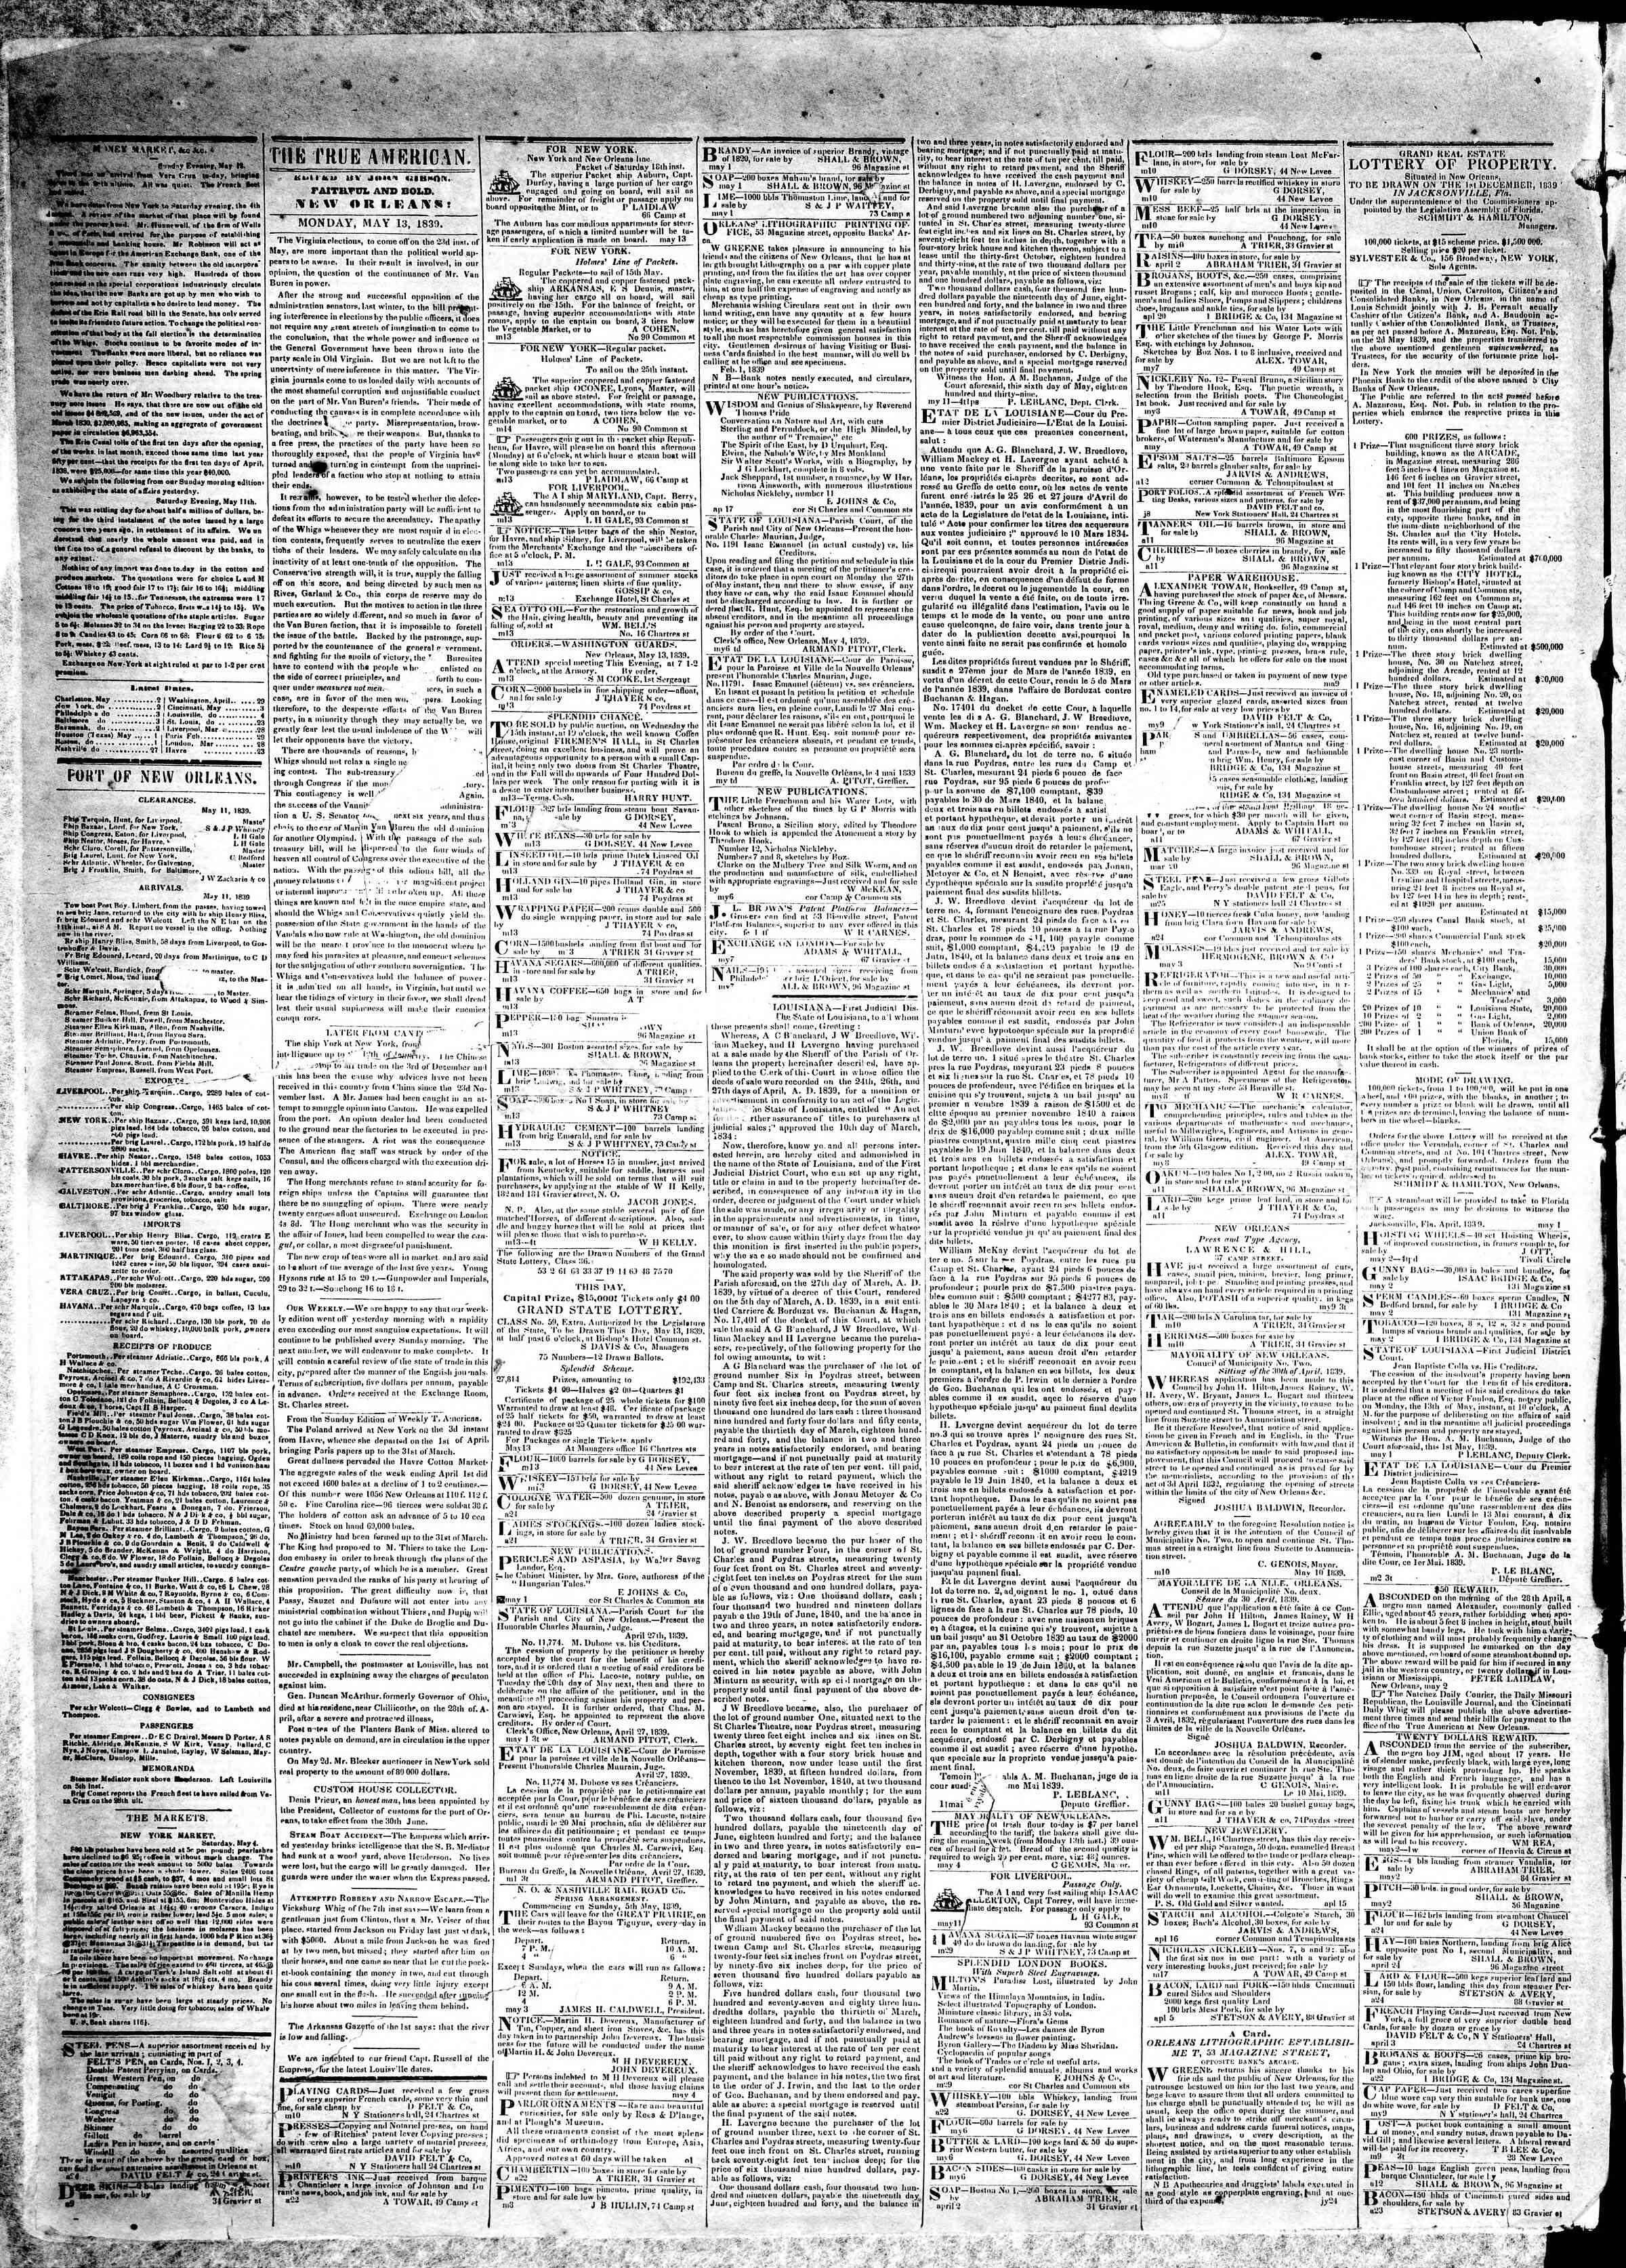 May 13, 1839 Tarihli True American Gazetesi Sayfa 2